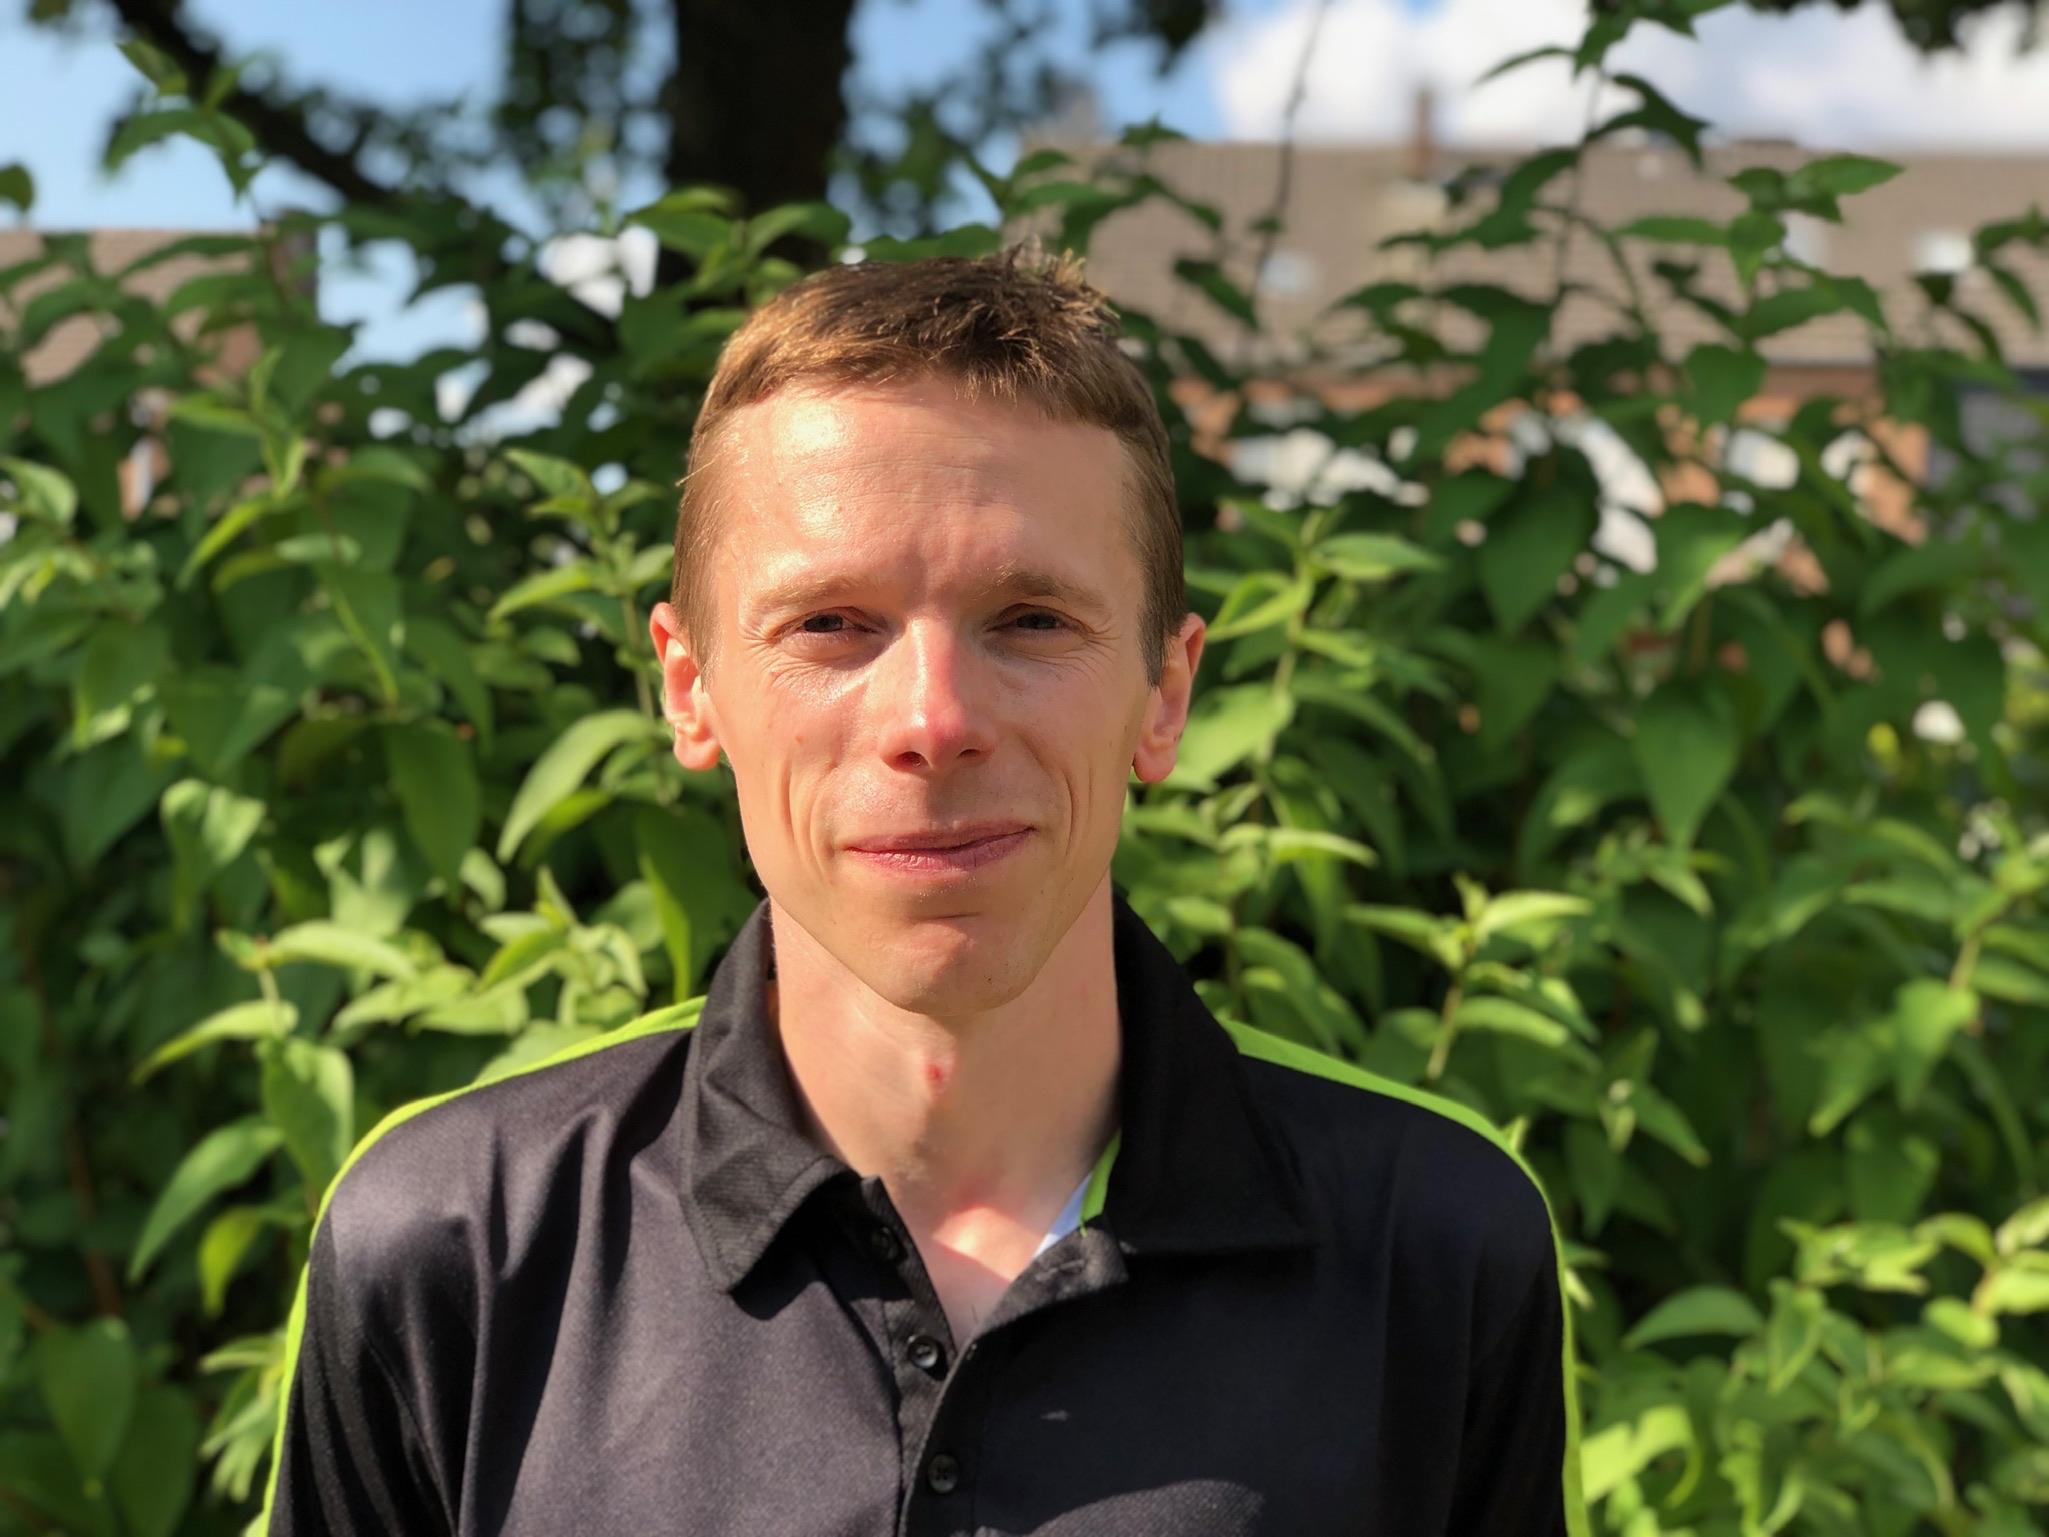 Pascal van der Leest